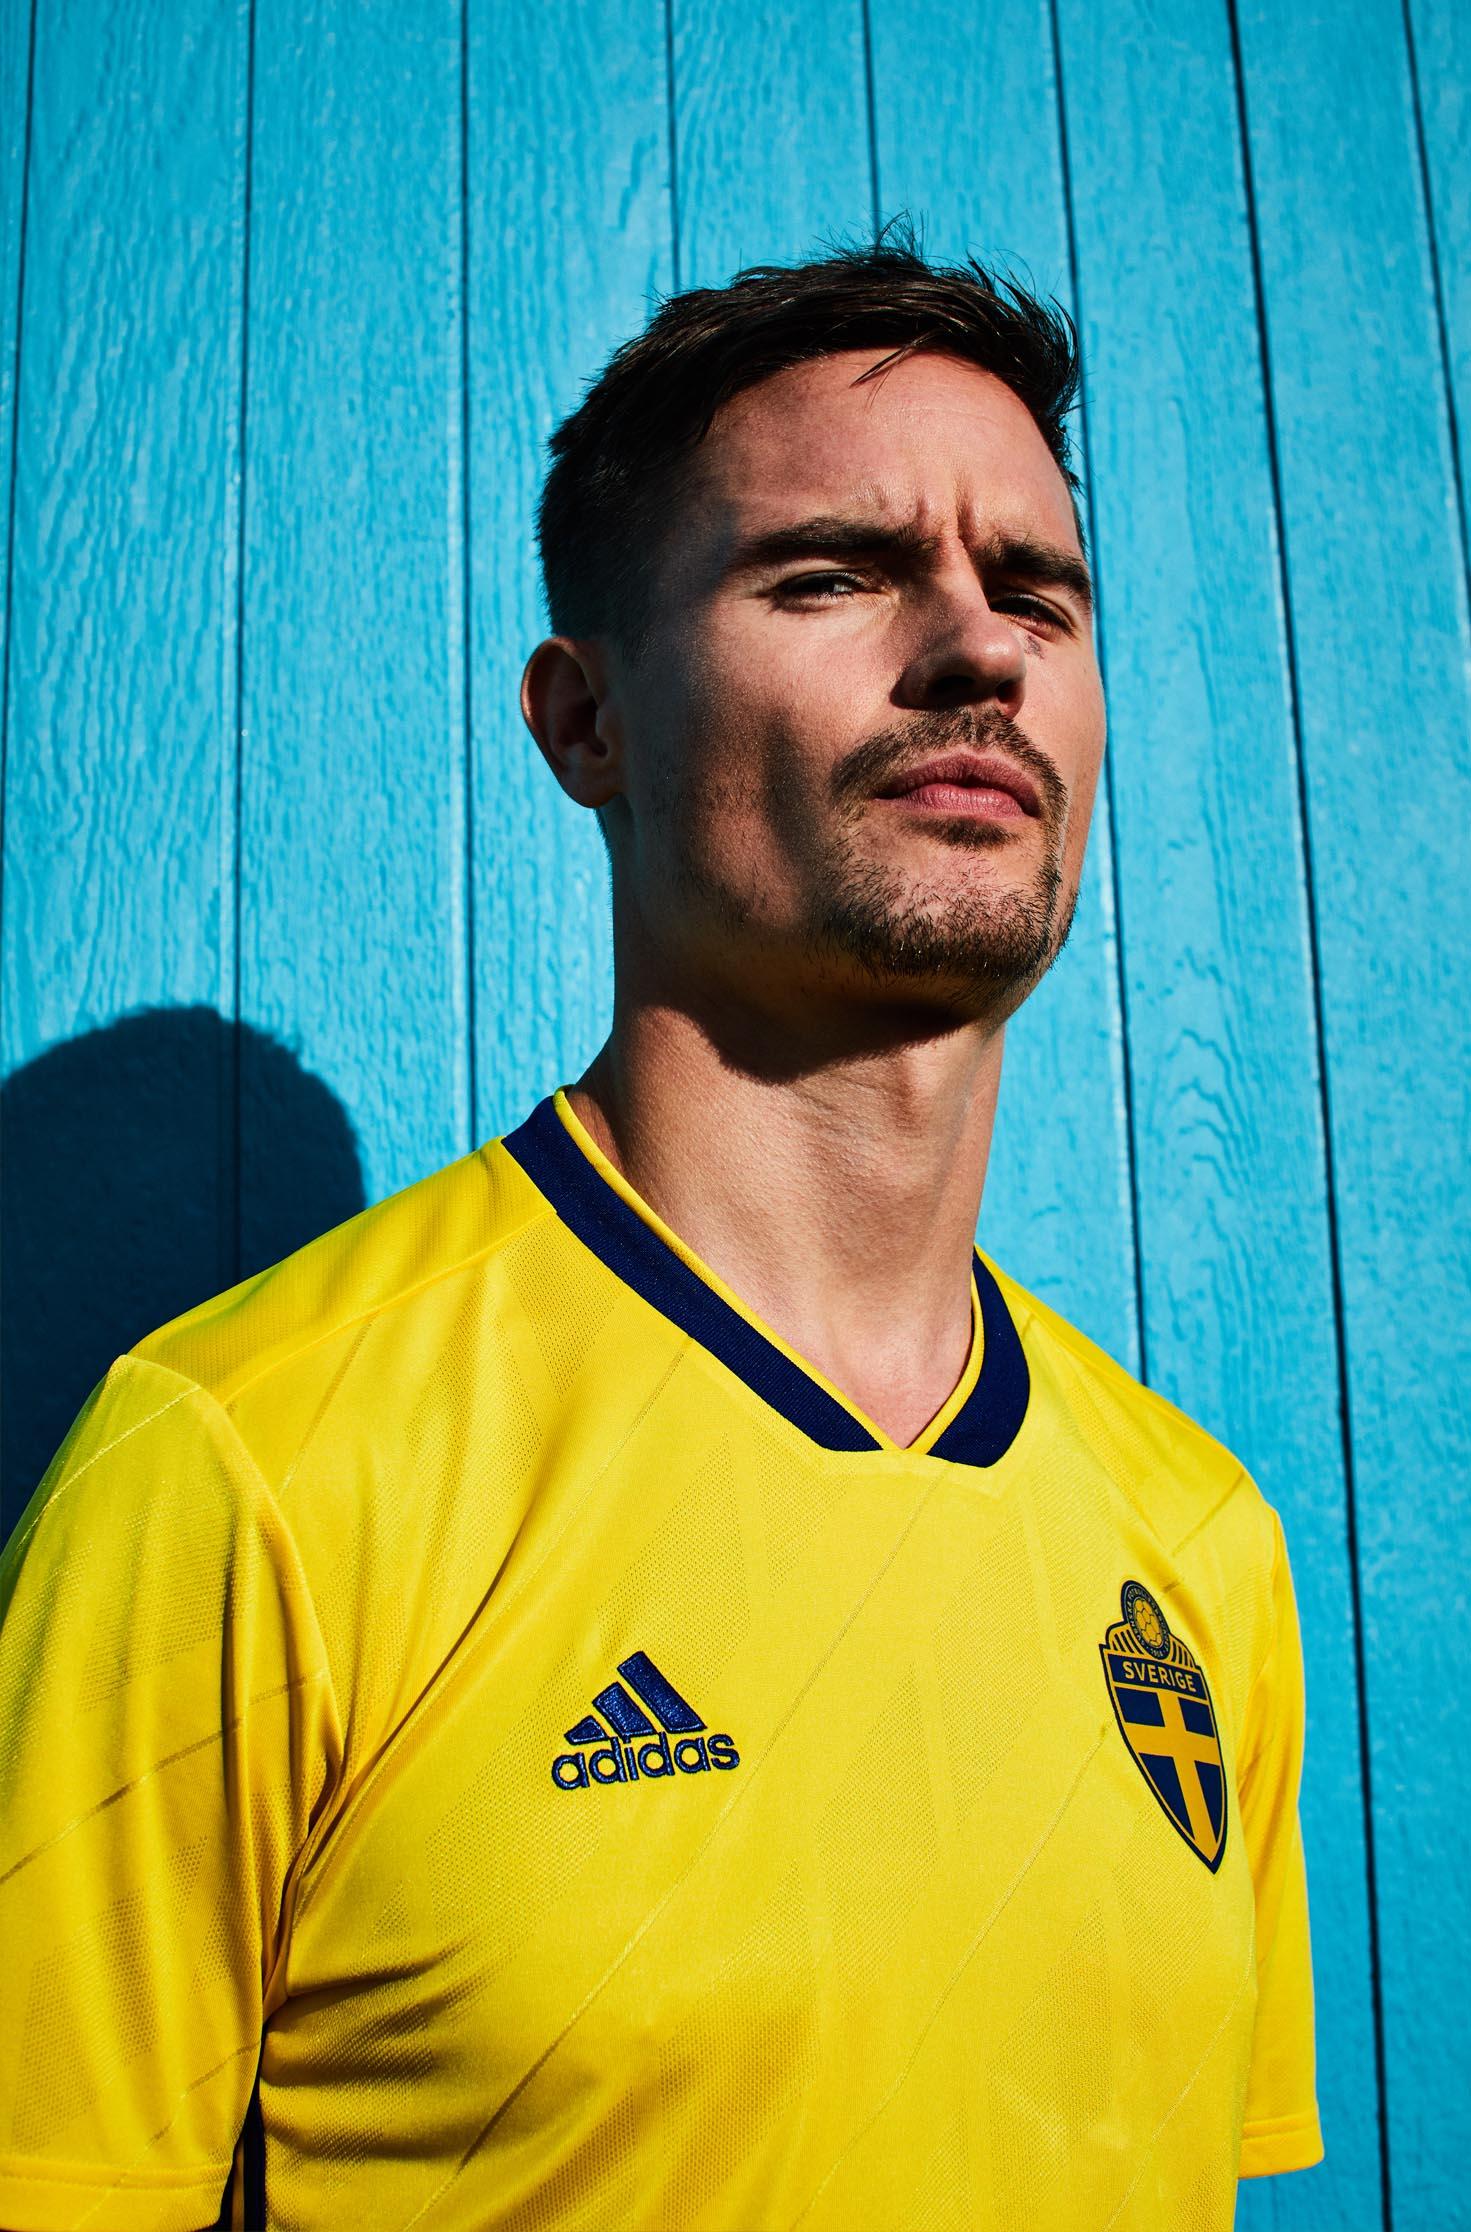 8b11d88863f Sweden 2018 adidas Home Shirt - SoccerBible.